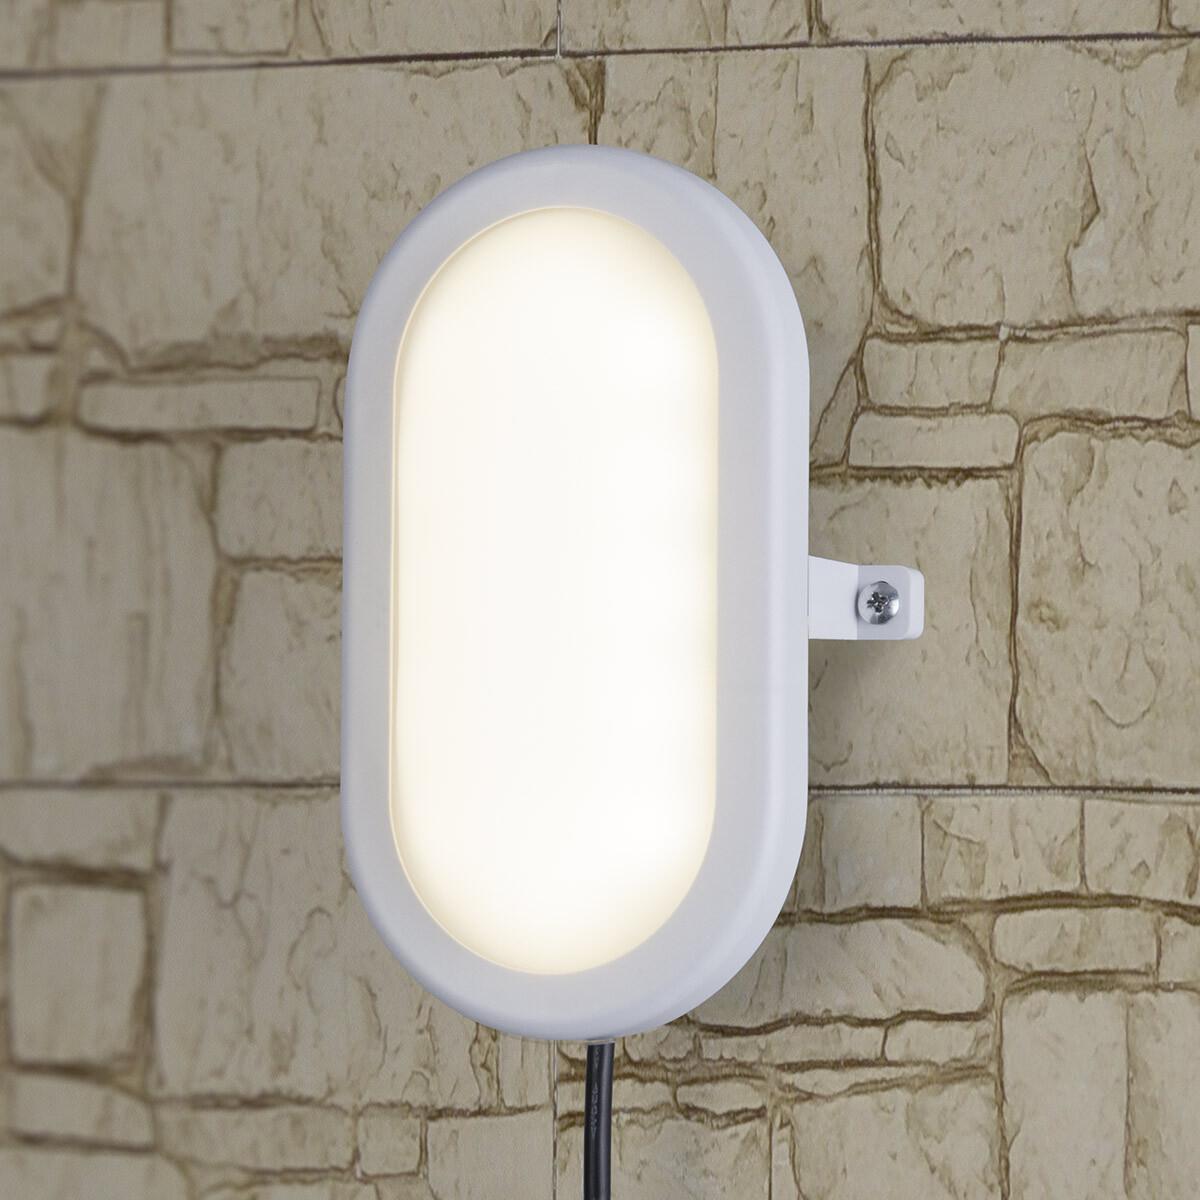 LTB0102D 12W 4000K / Светильник стационарный светодиодный LED Светильник 22см 12W 4000К IP54 цена и фото